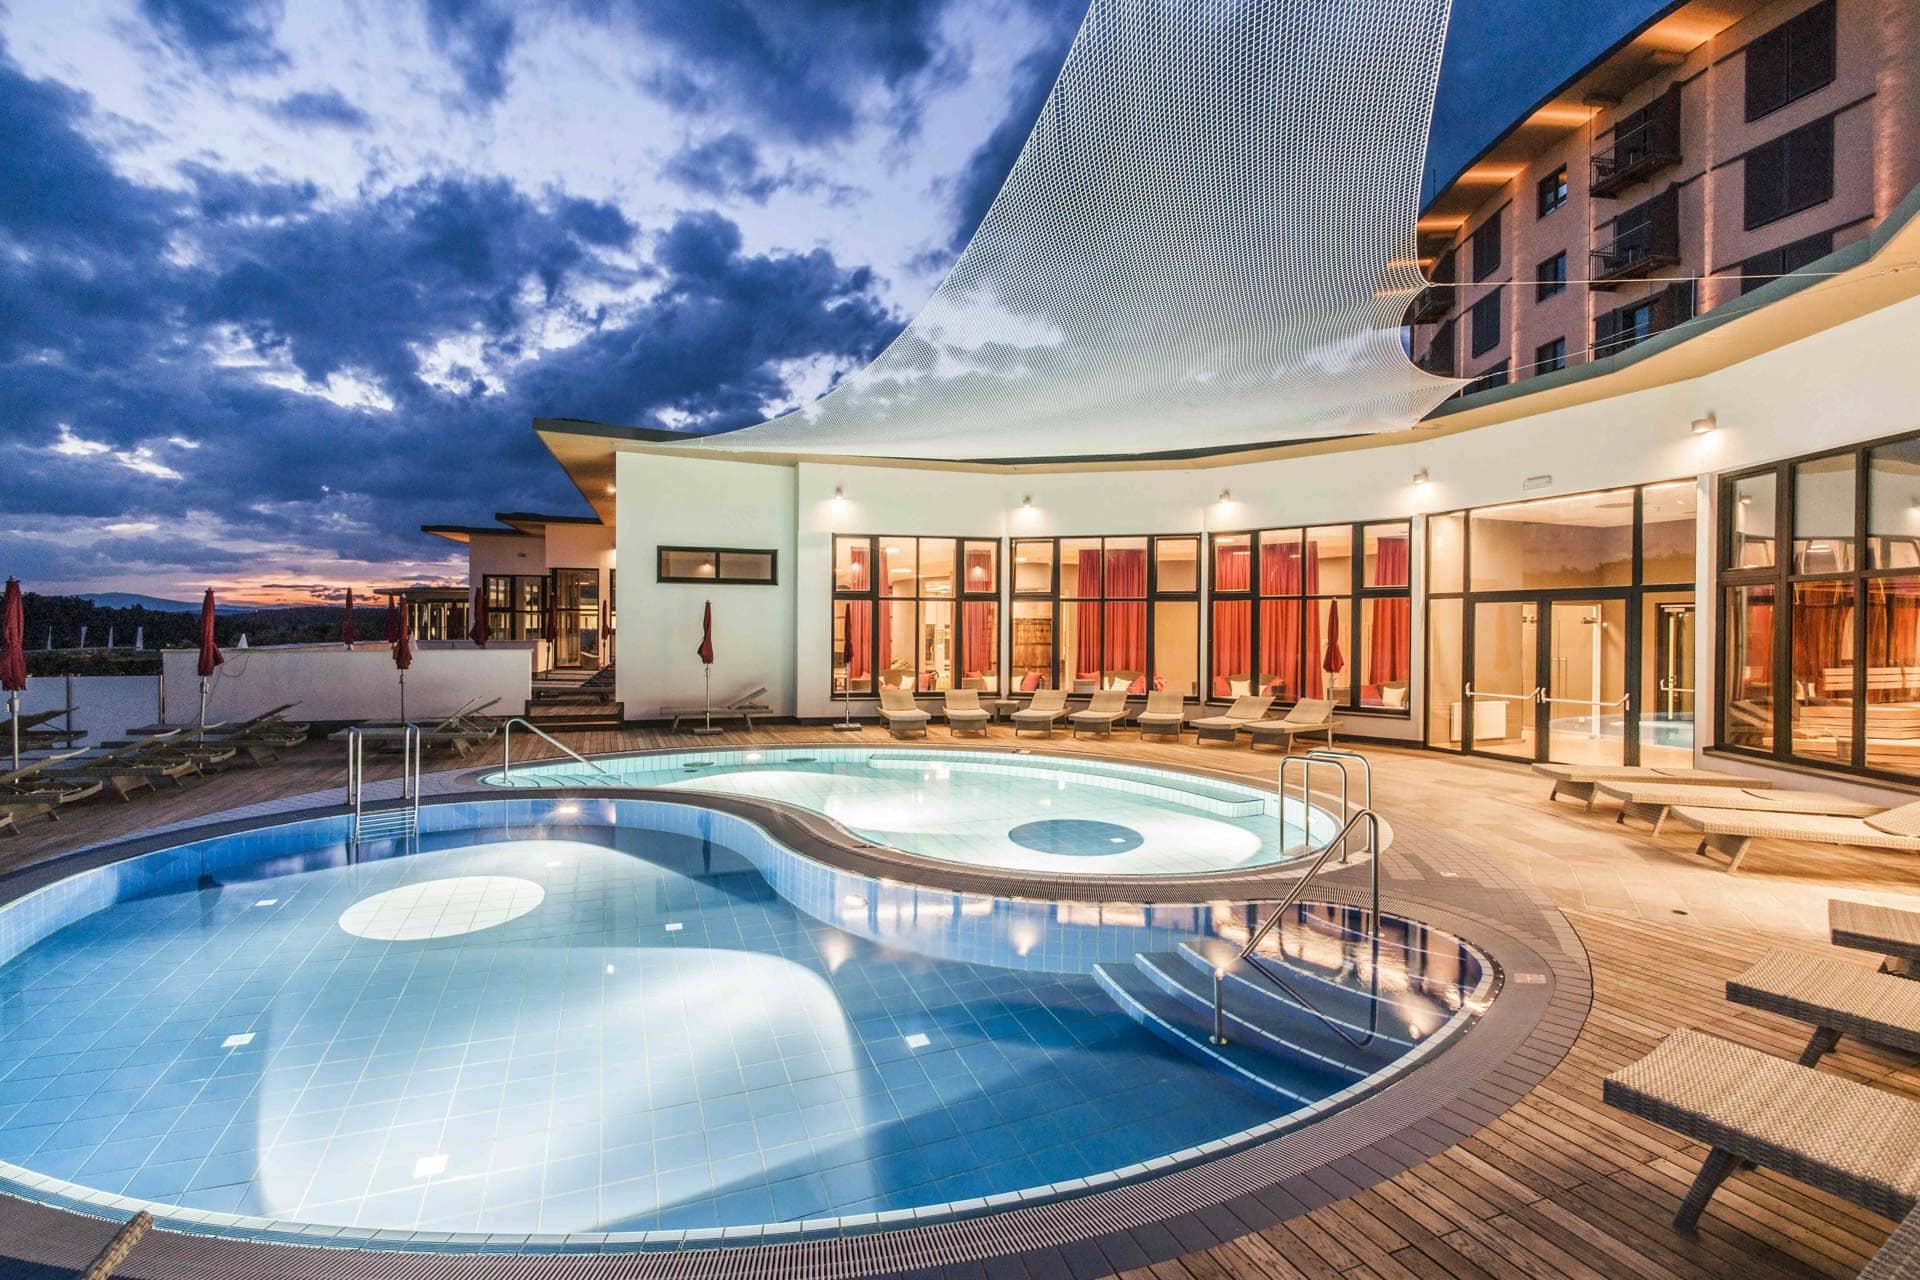 Bder Spa im Resort Stegersbach * Heilwasser, Massagen